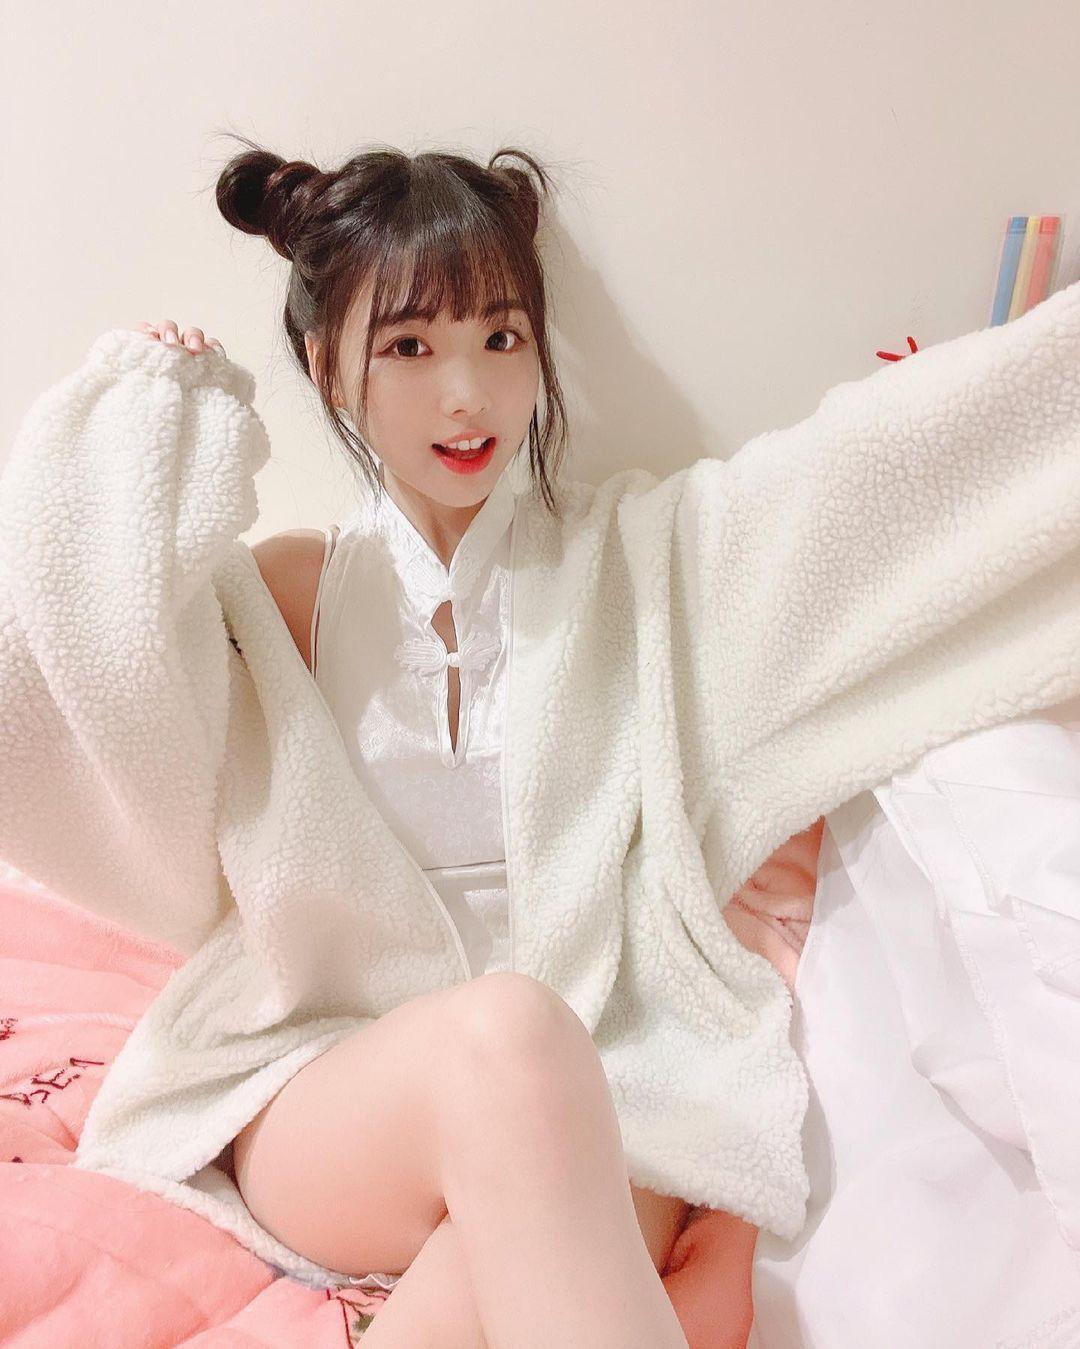 清新可爱的软萌系正妹赵兔兔性感旗袍小露 明星资料 热图8